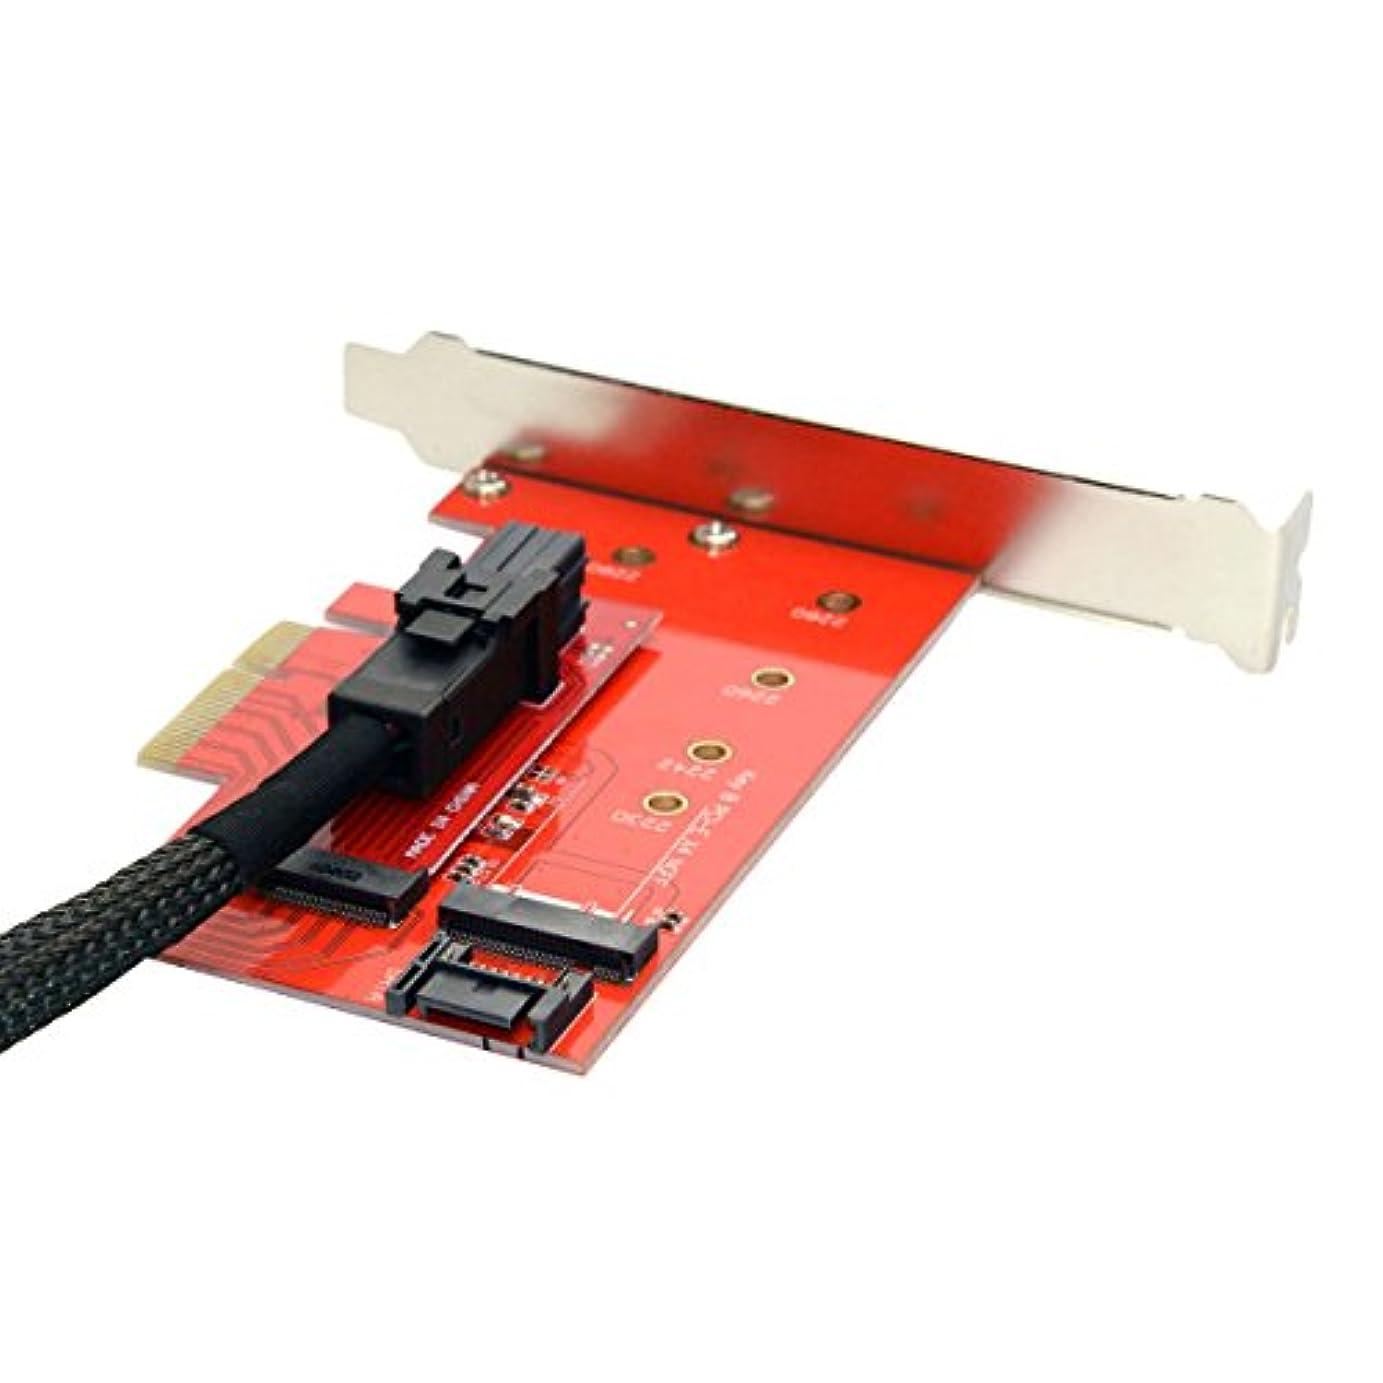 スーパーマーケット再現する義務Cablecc PCI - E 3.0 x4レーンホストアダプタMキーM。2 NGFF SSD to u.2 u2キットsff-8639 forメインボードIntel SSD 750 p3600 p3700